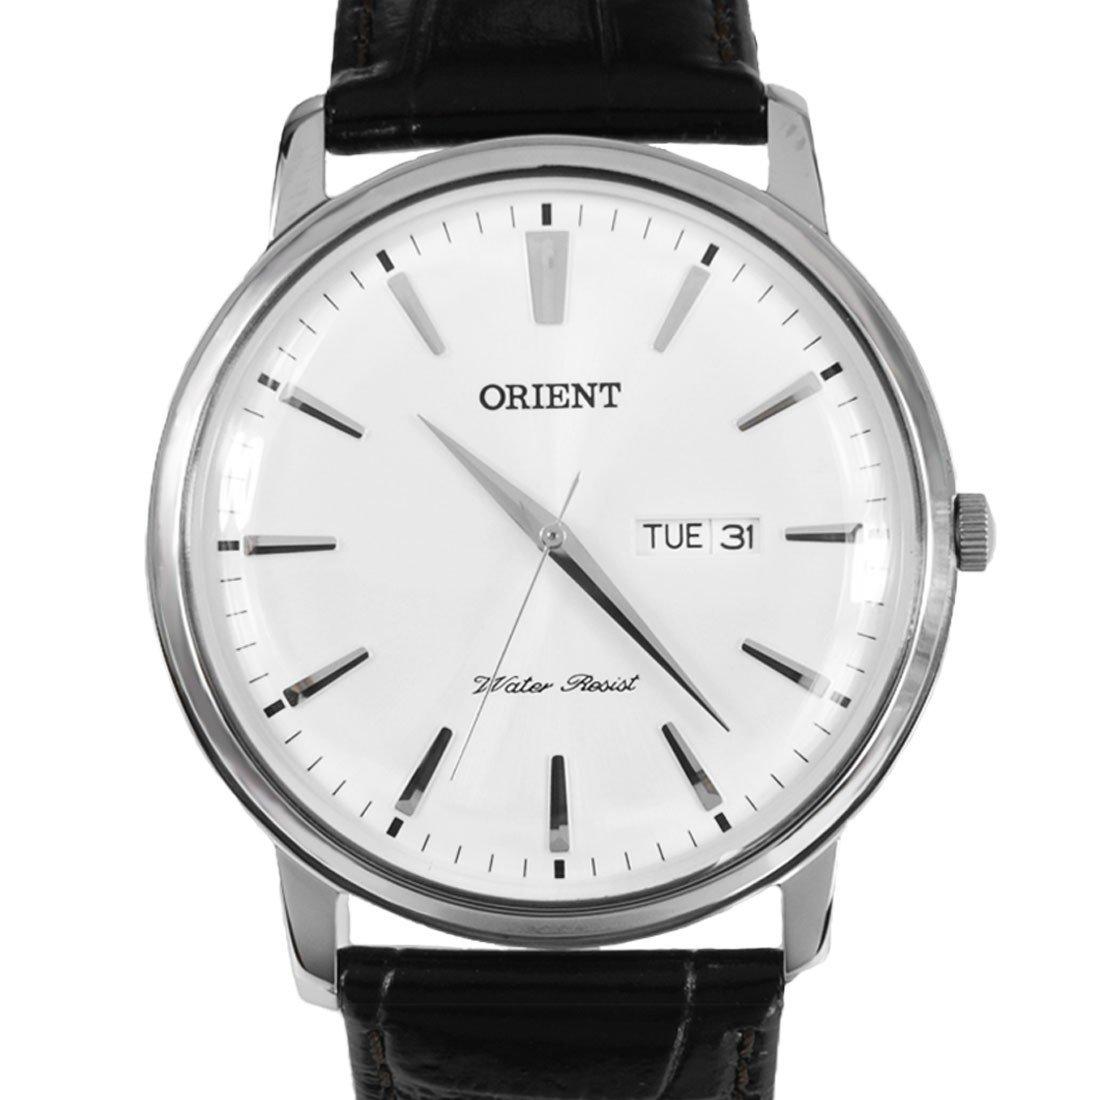 reloj hombre Orient CLASSIC CAPITAL FUG1R003W correa cuero cuarzo